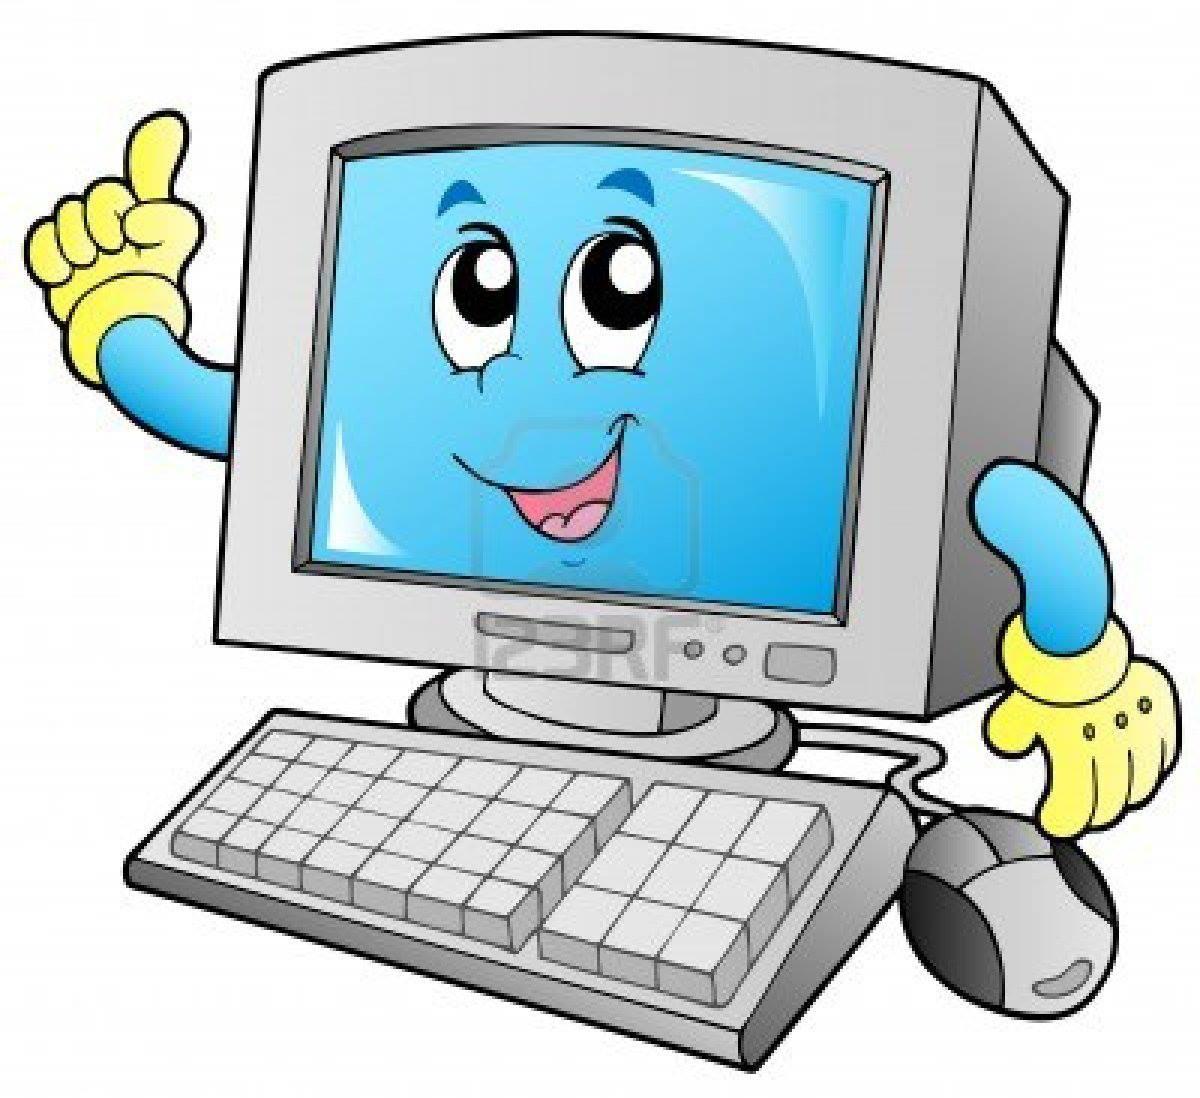 depannage-informatique-pc-ordinateur-7j7-a-domicile